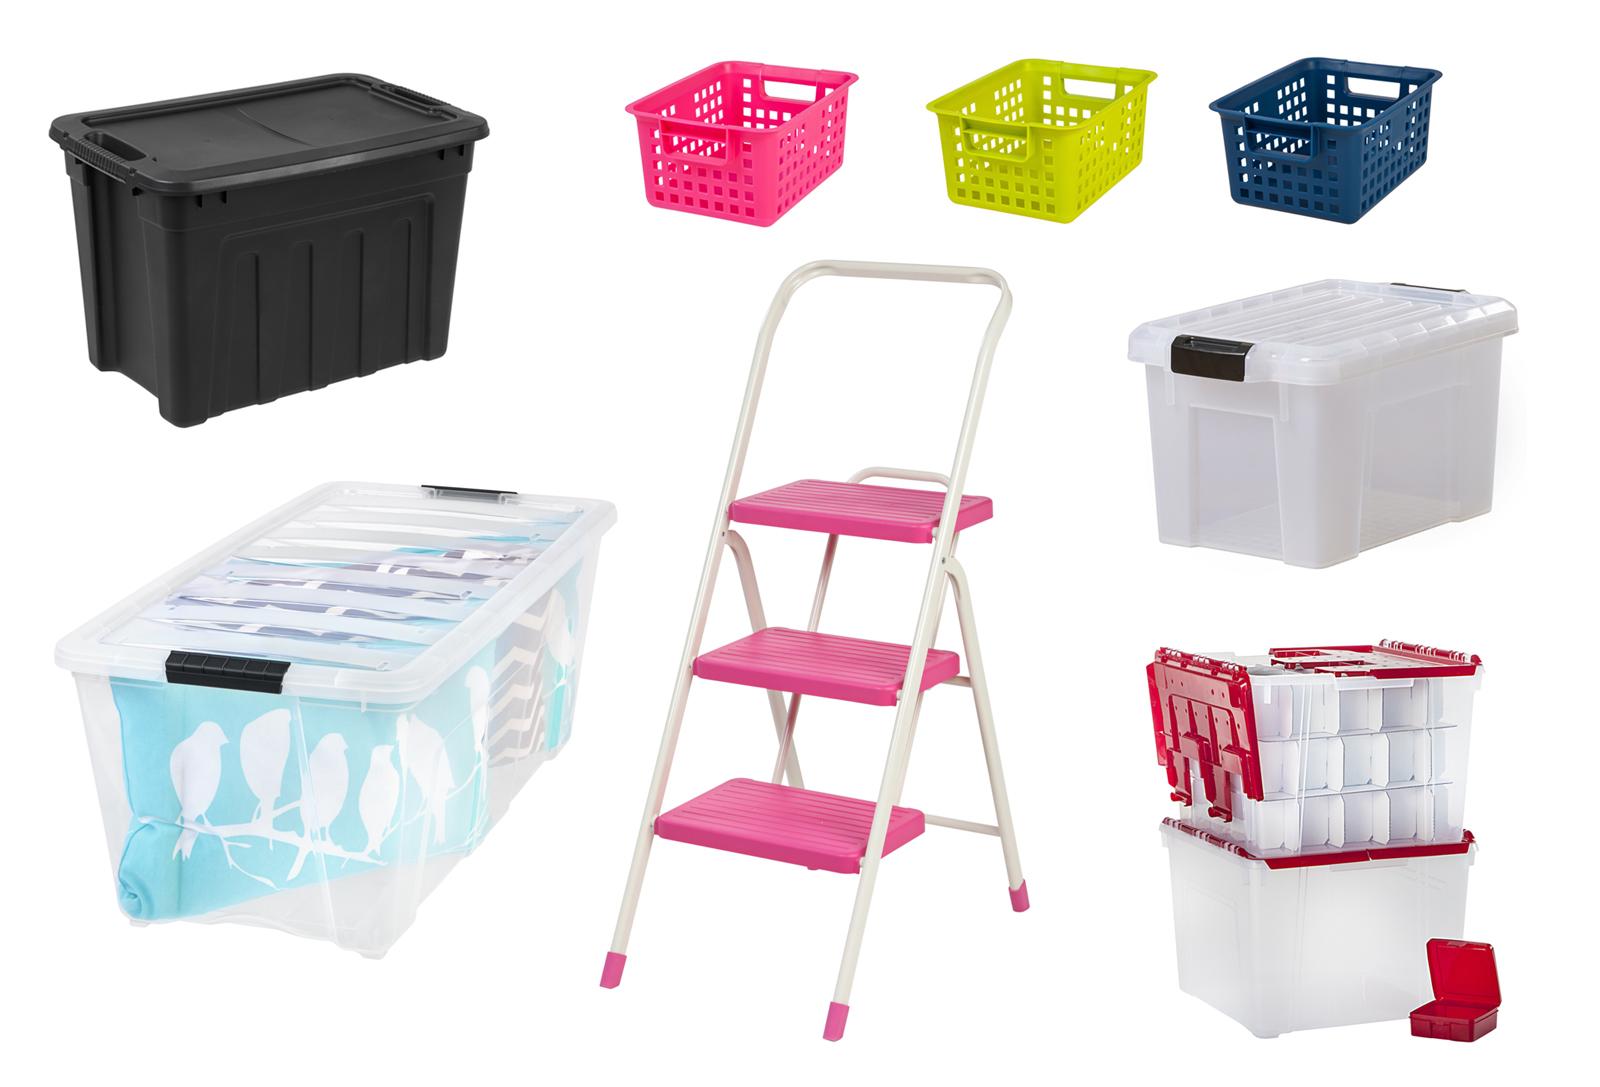 wayfair-iris-organize-bins-pretty-girly-storage-1